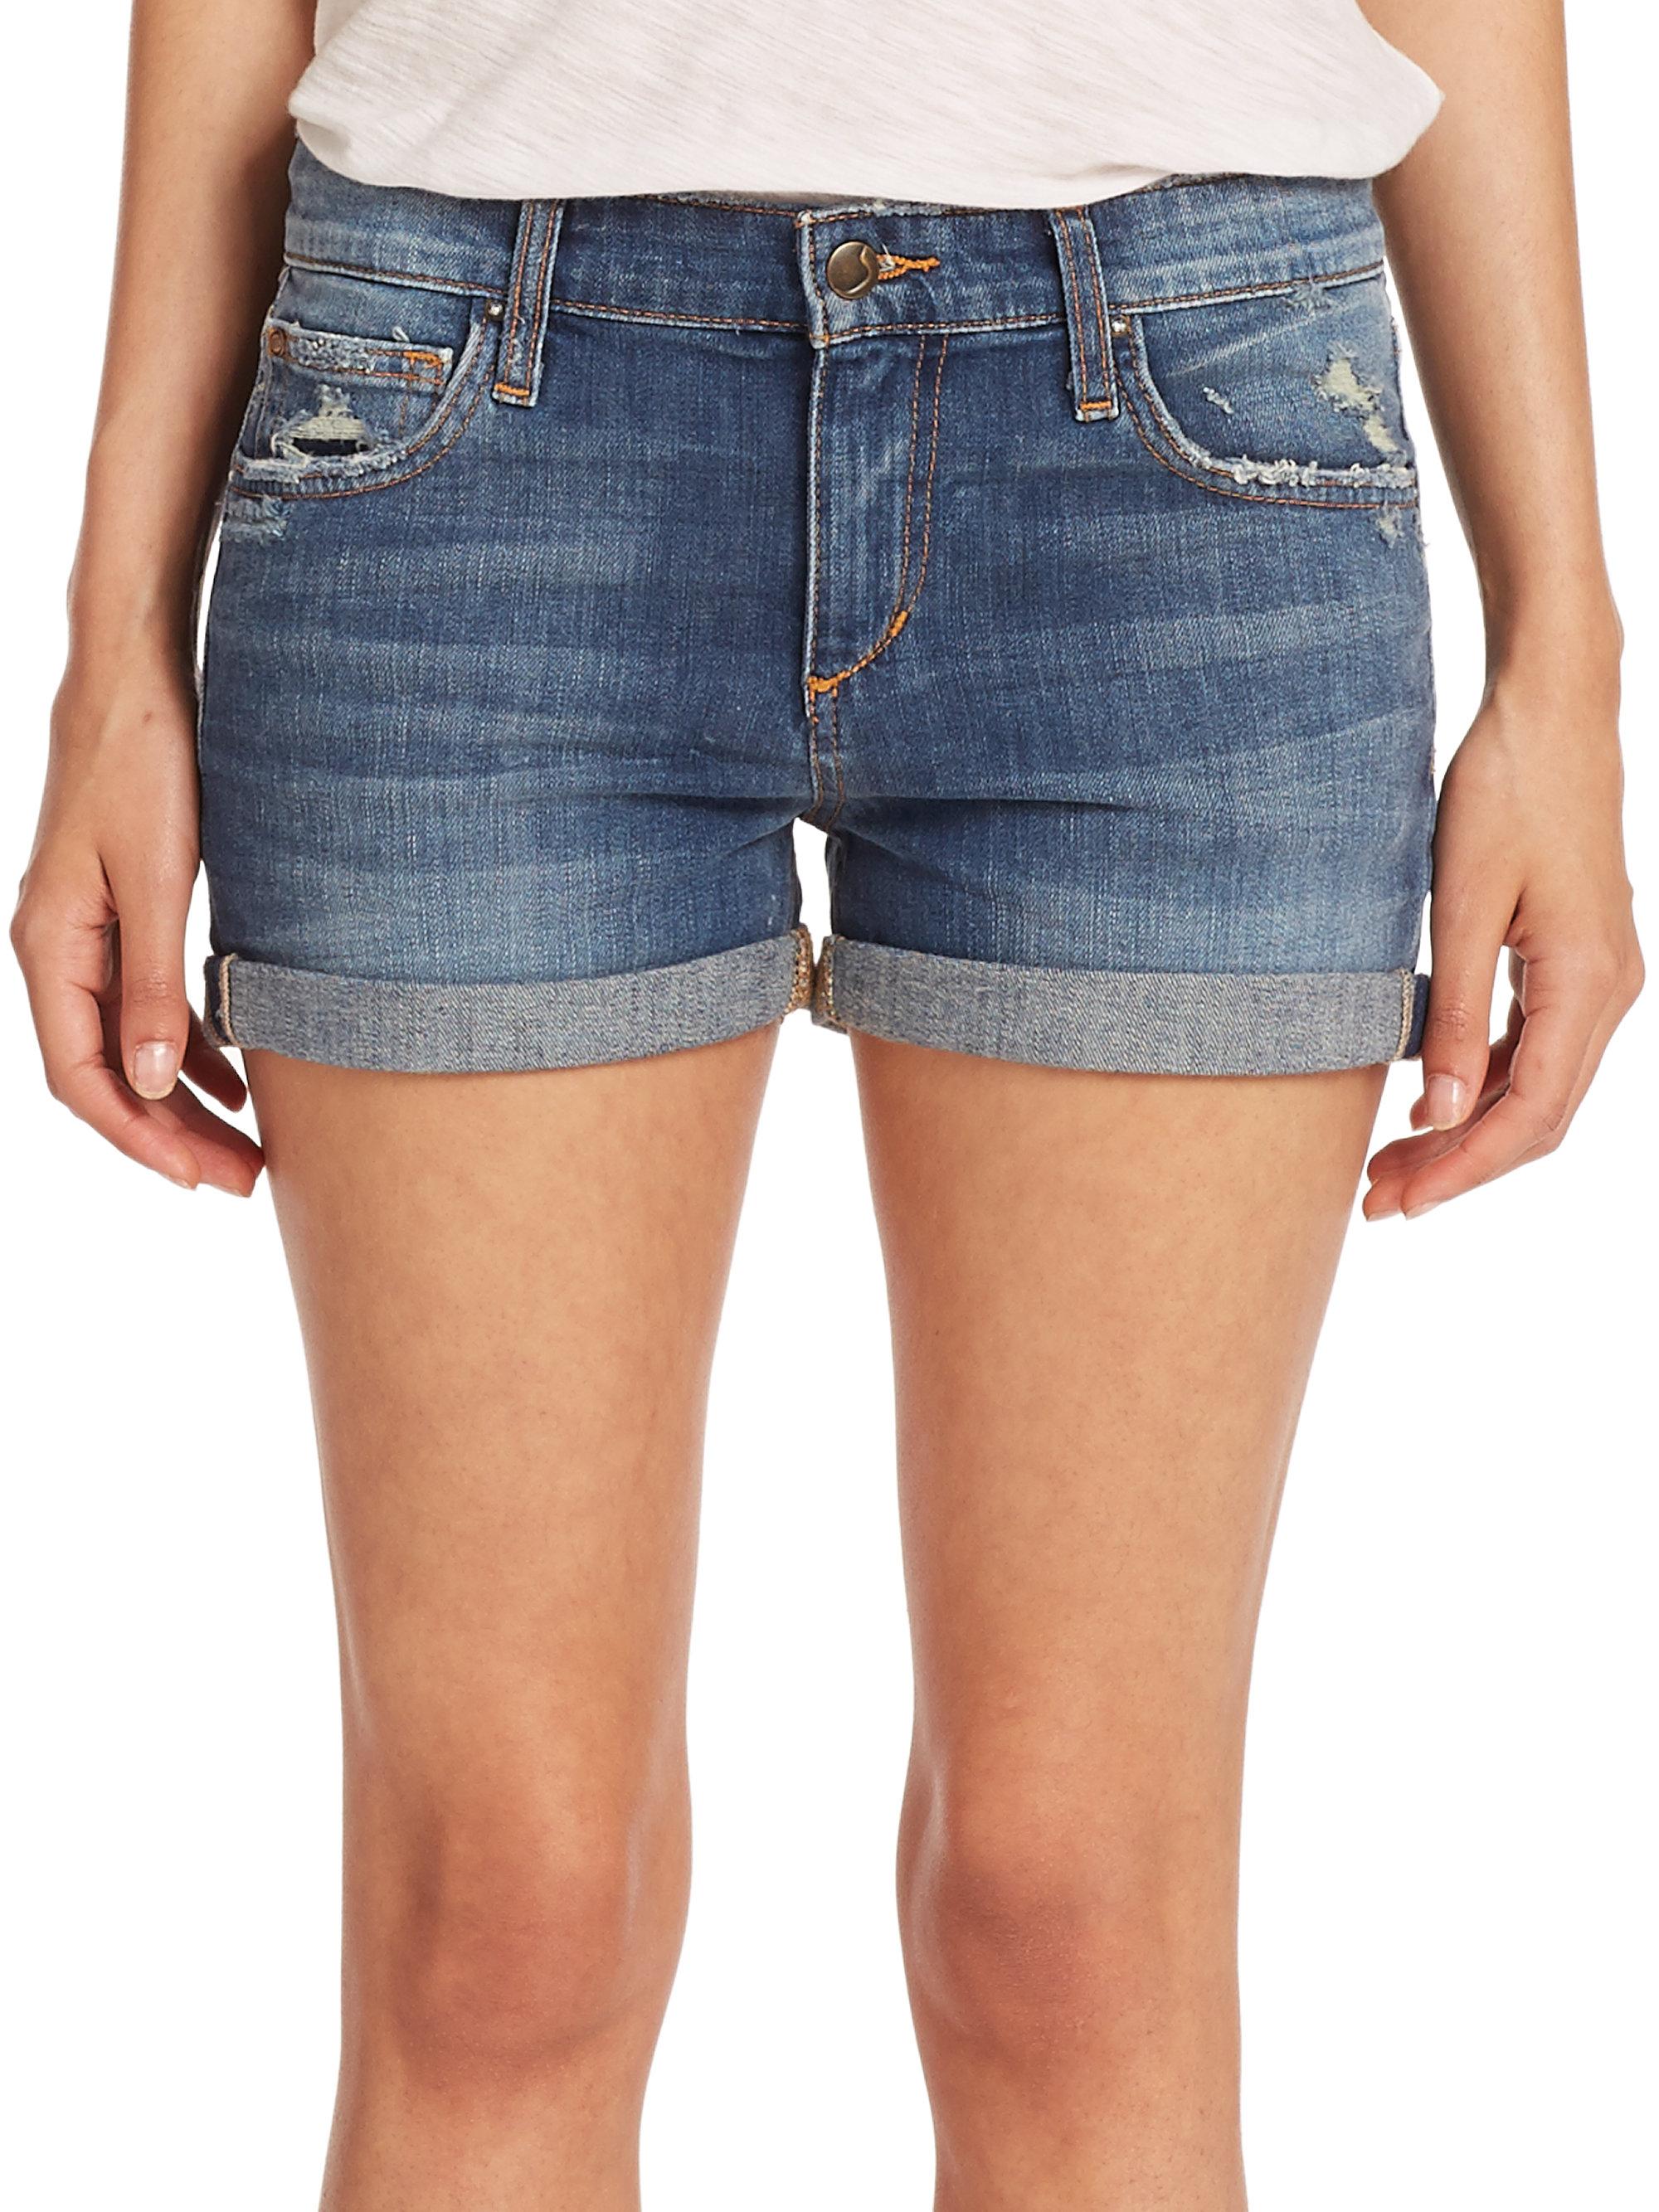 Joe's jeans Celeste Distressed Roll-up Denim Shorts in Blue | Lyst